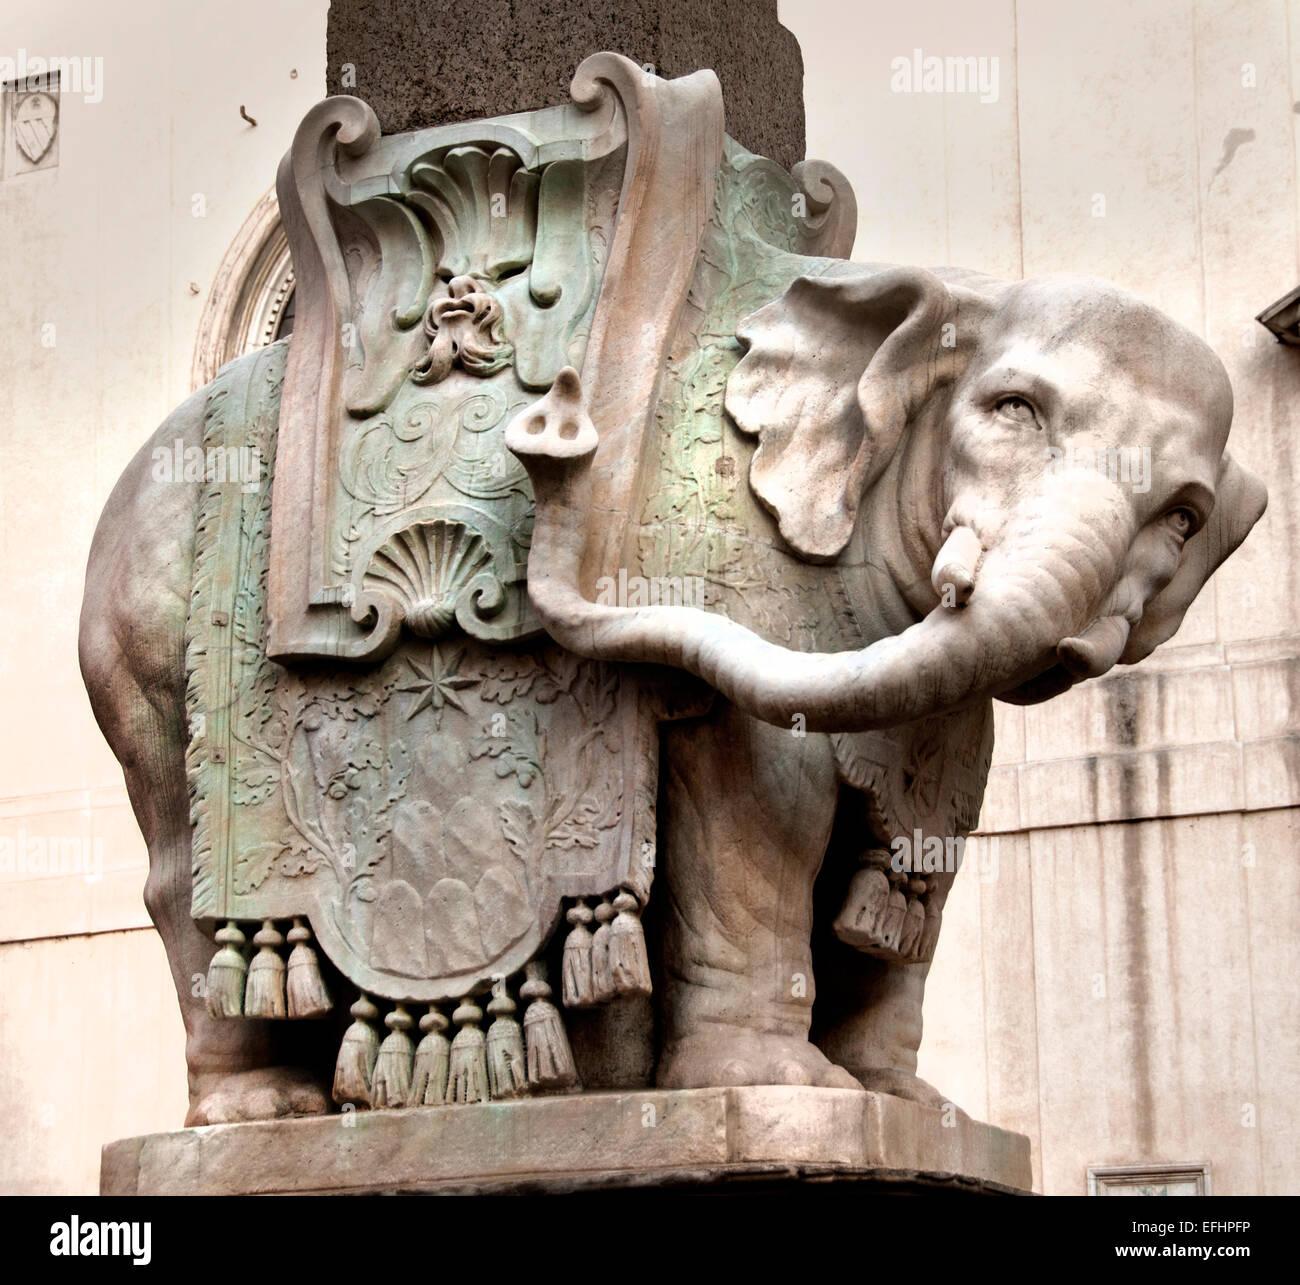 Elephant Obelisk of Santa Maria sopra Minerva by Bernini outside church of same name in the piazza square Rome Italy - Stock Image